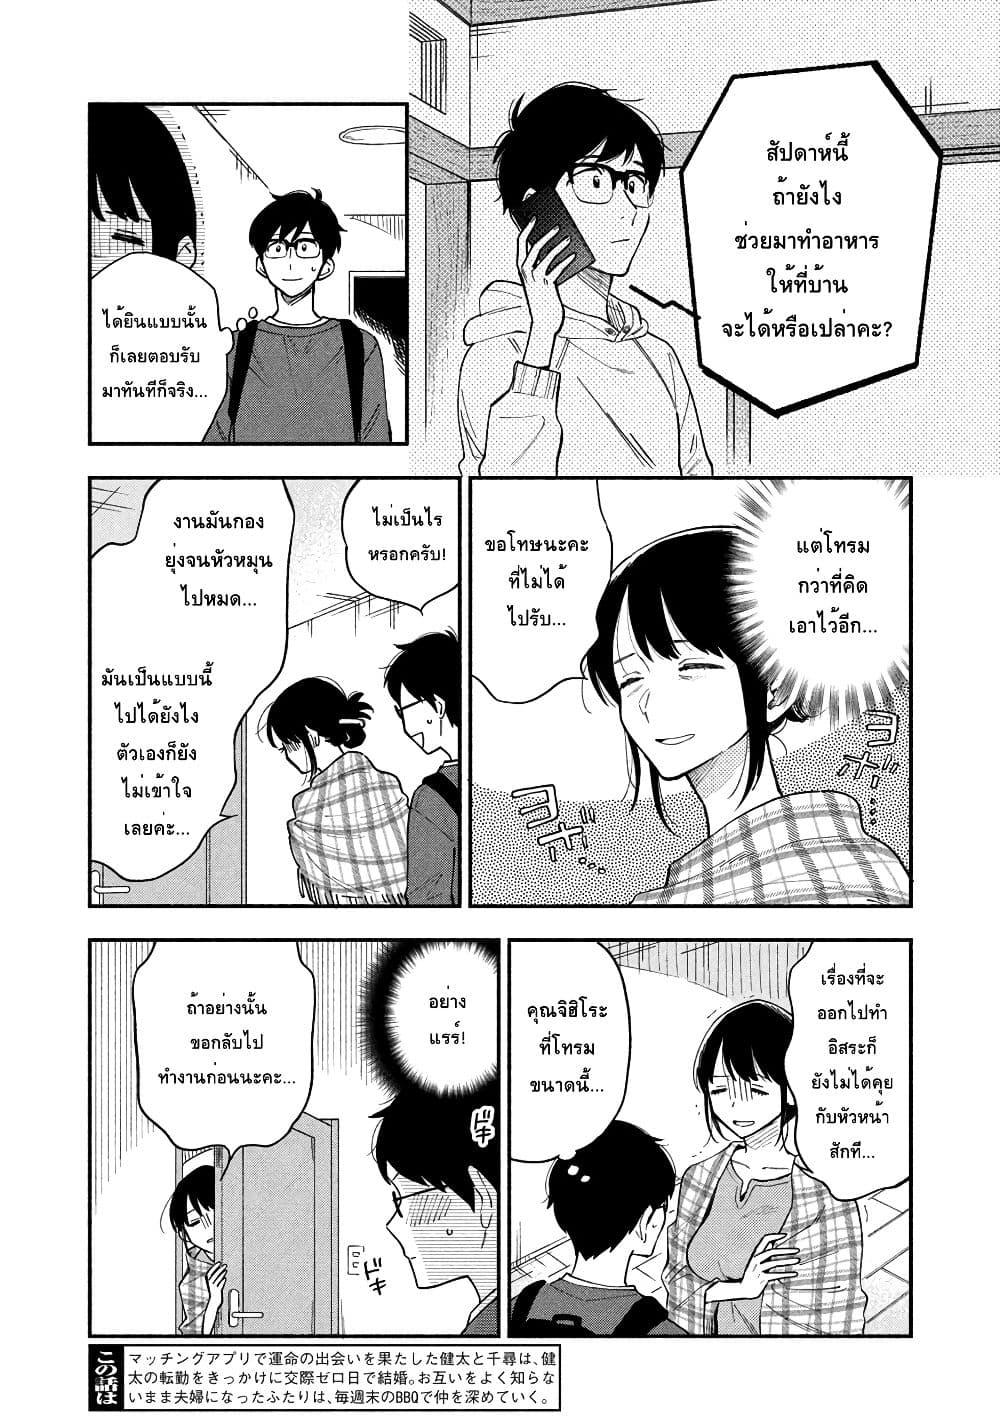 อ่านการ์ตูน Yaiteru Futari ตอนที่ 9 หน้าที่ 2